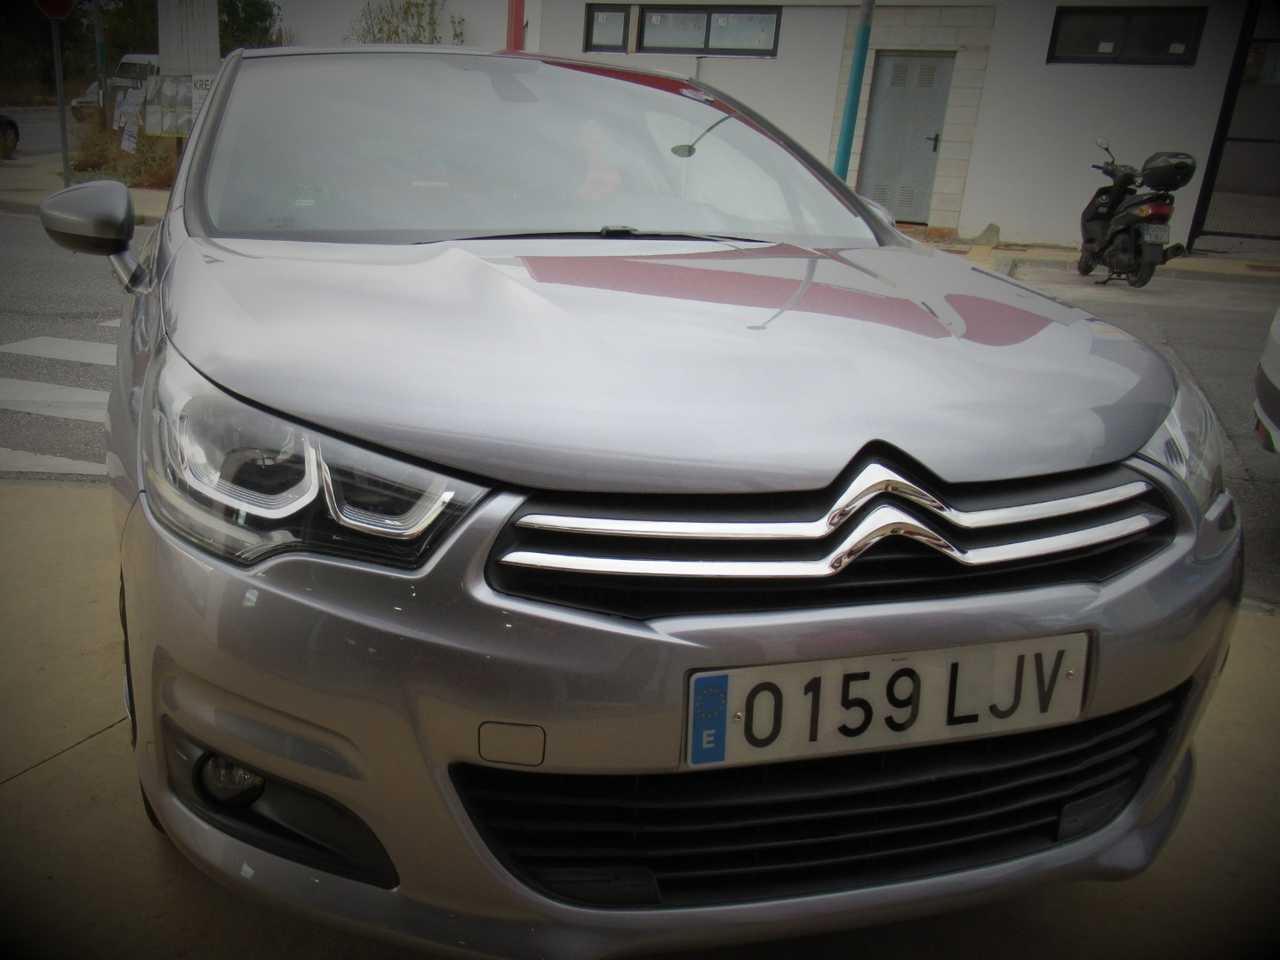 Citroën C4 1.6 HDI BLUE LIVE 120 CV EAT 6 UN SOLO PROPIETARIO, CERTIFICADO DE KM Y CARROCERIA   - Foto 1